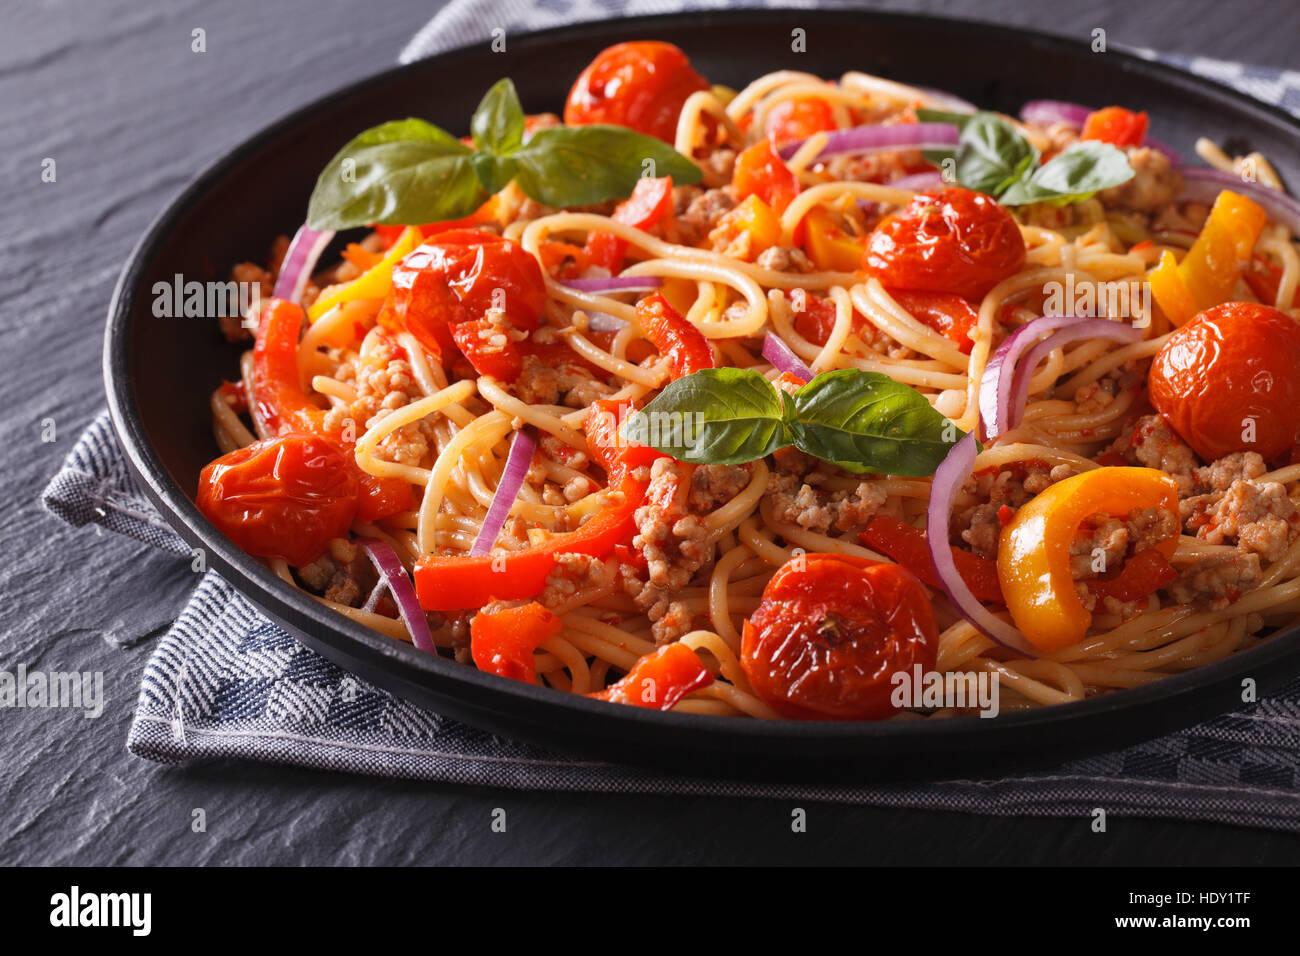 La cuisine italienne: pâtes avec de la viande hachée et légumes close-up horizontale. Photo Stock